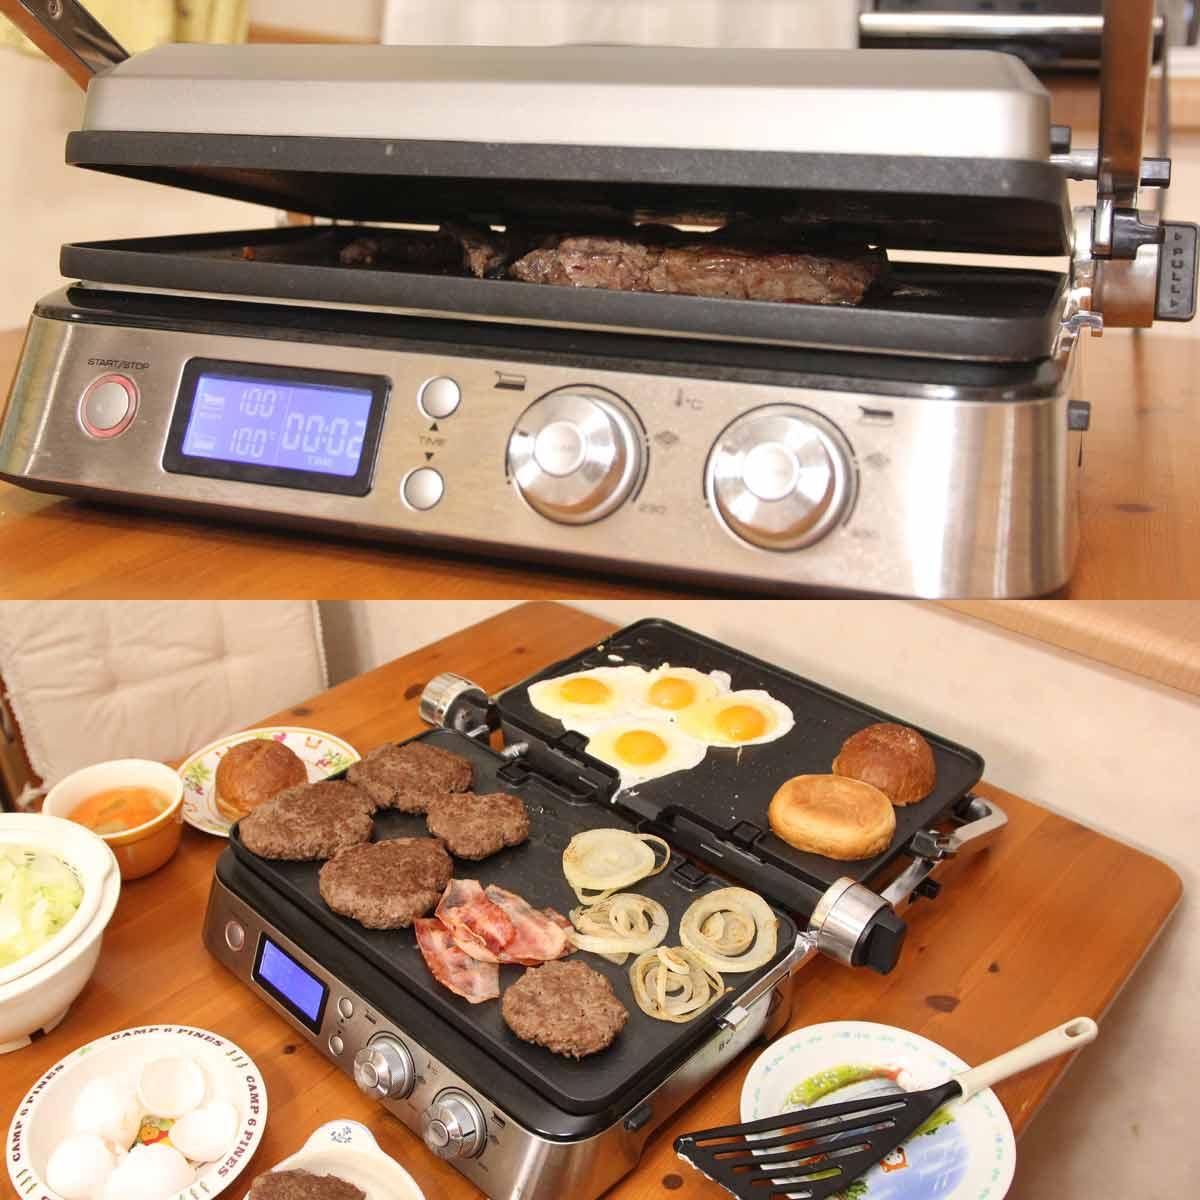 これはドヤれる家電! デロンギ「マルチグリルBBQ」で肉をジュージュー焼きまくってみた